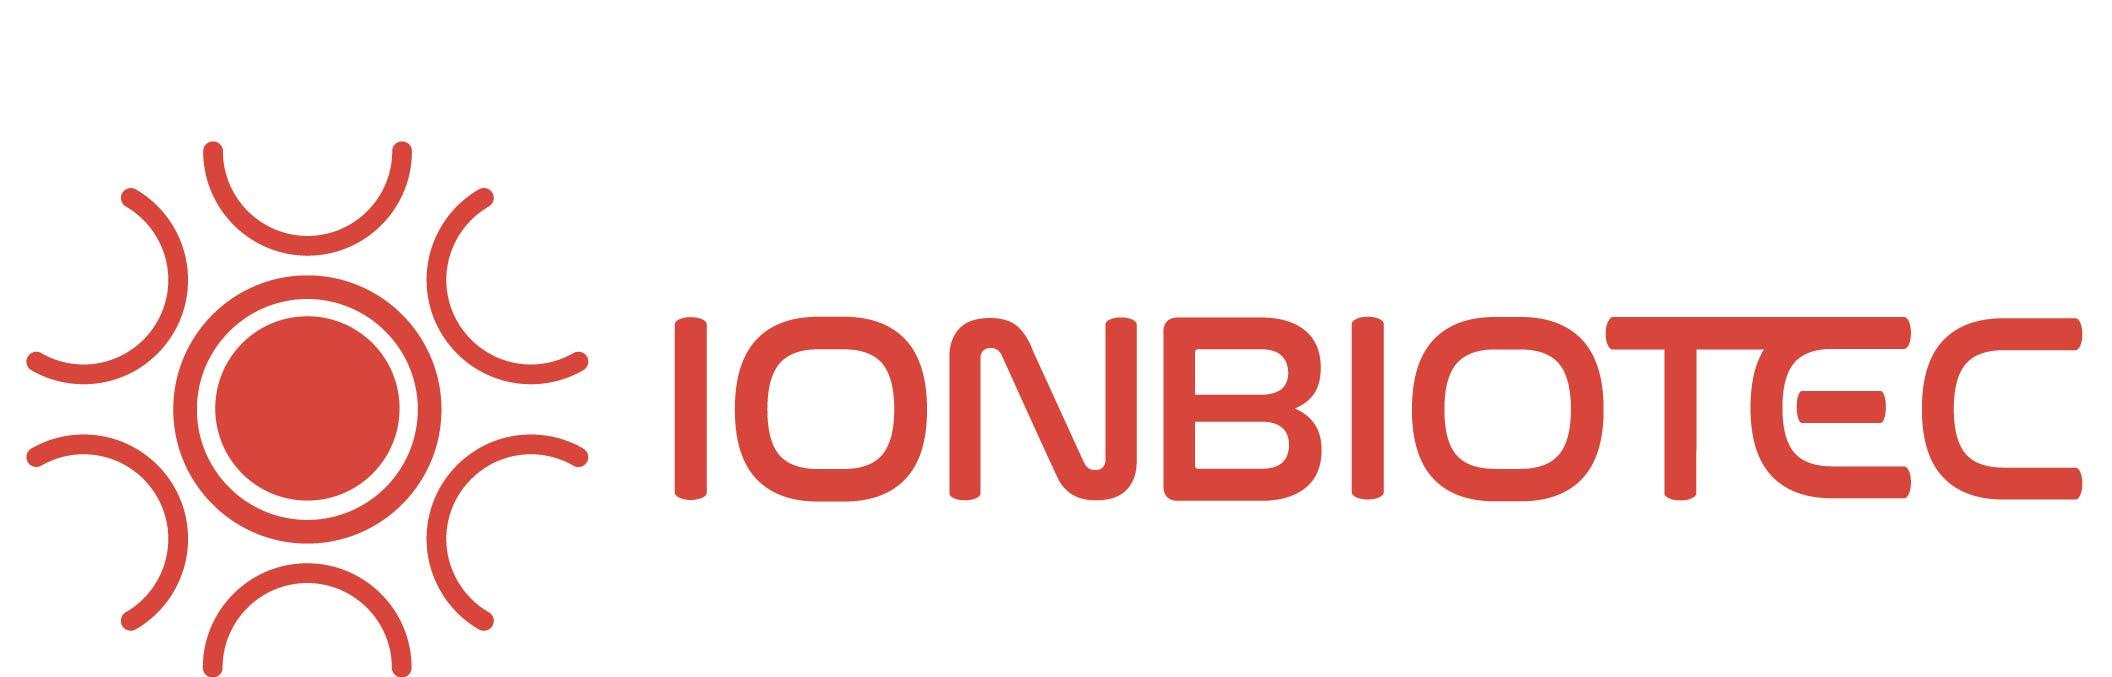 IONBIOTEC